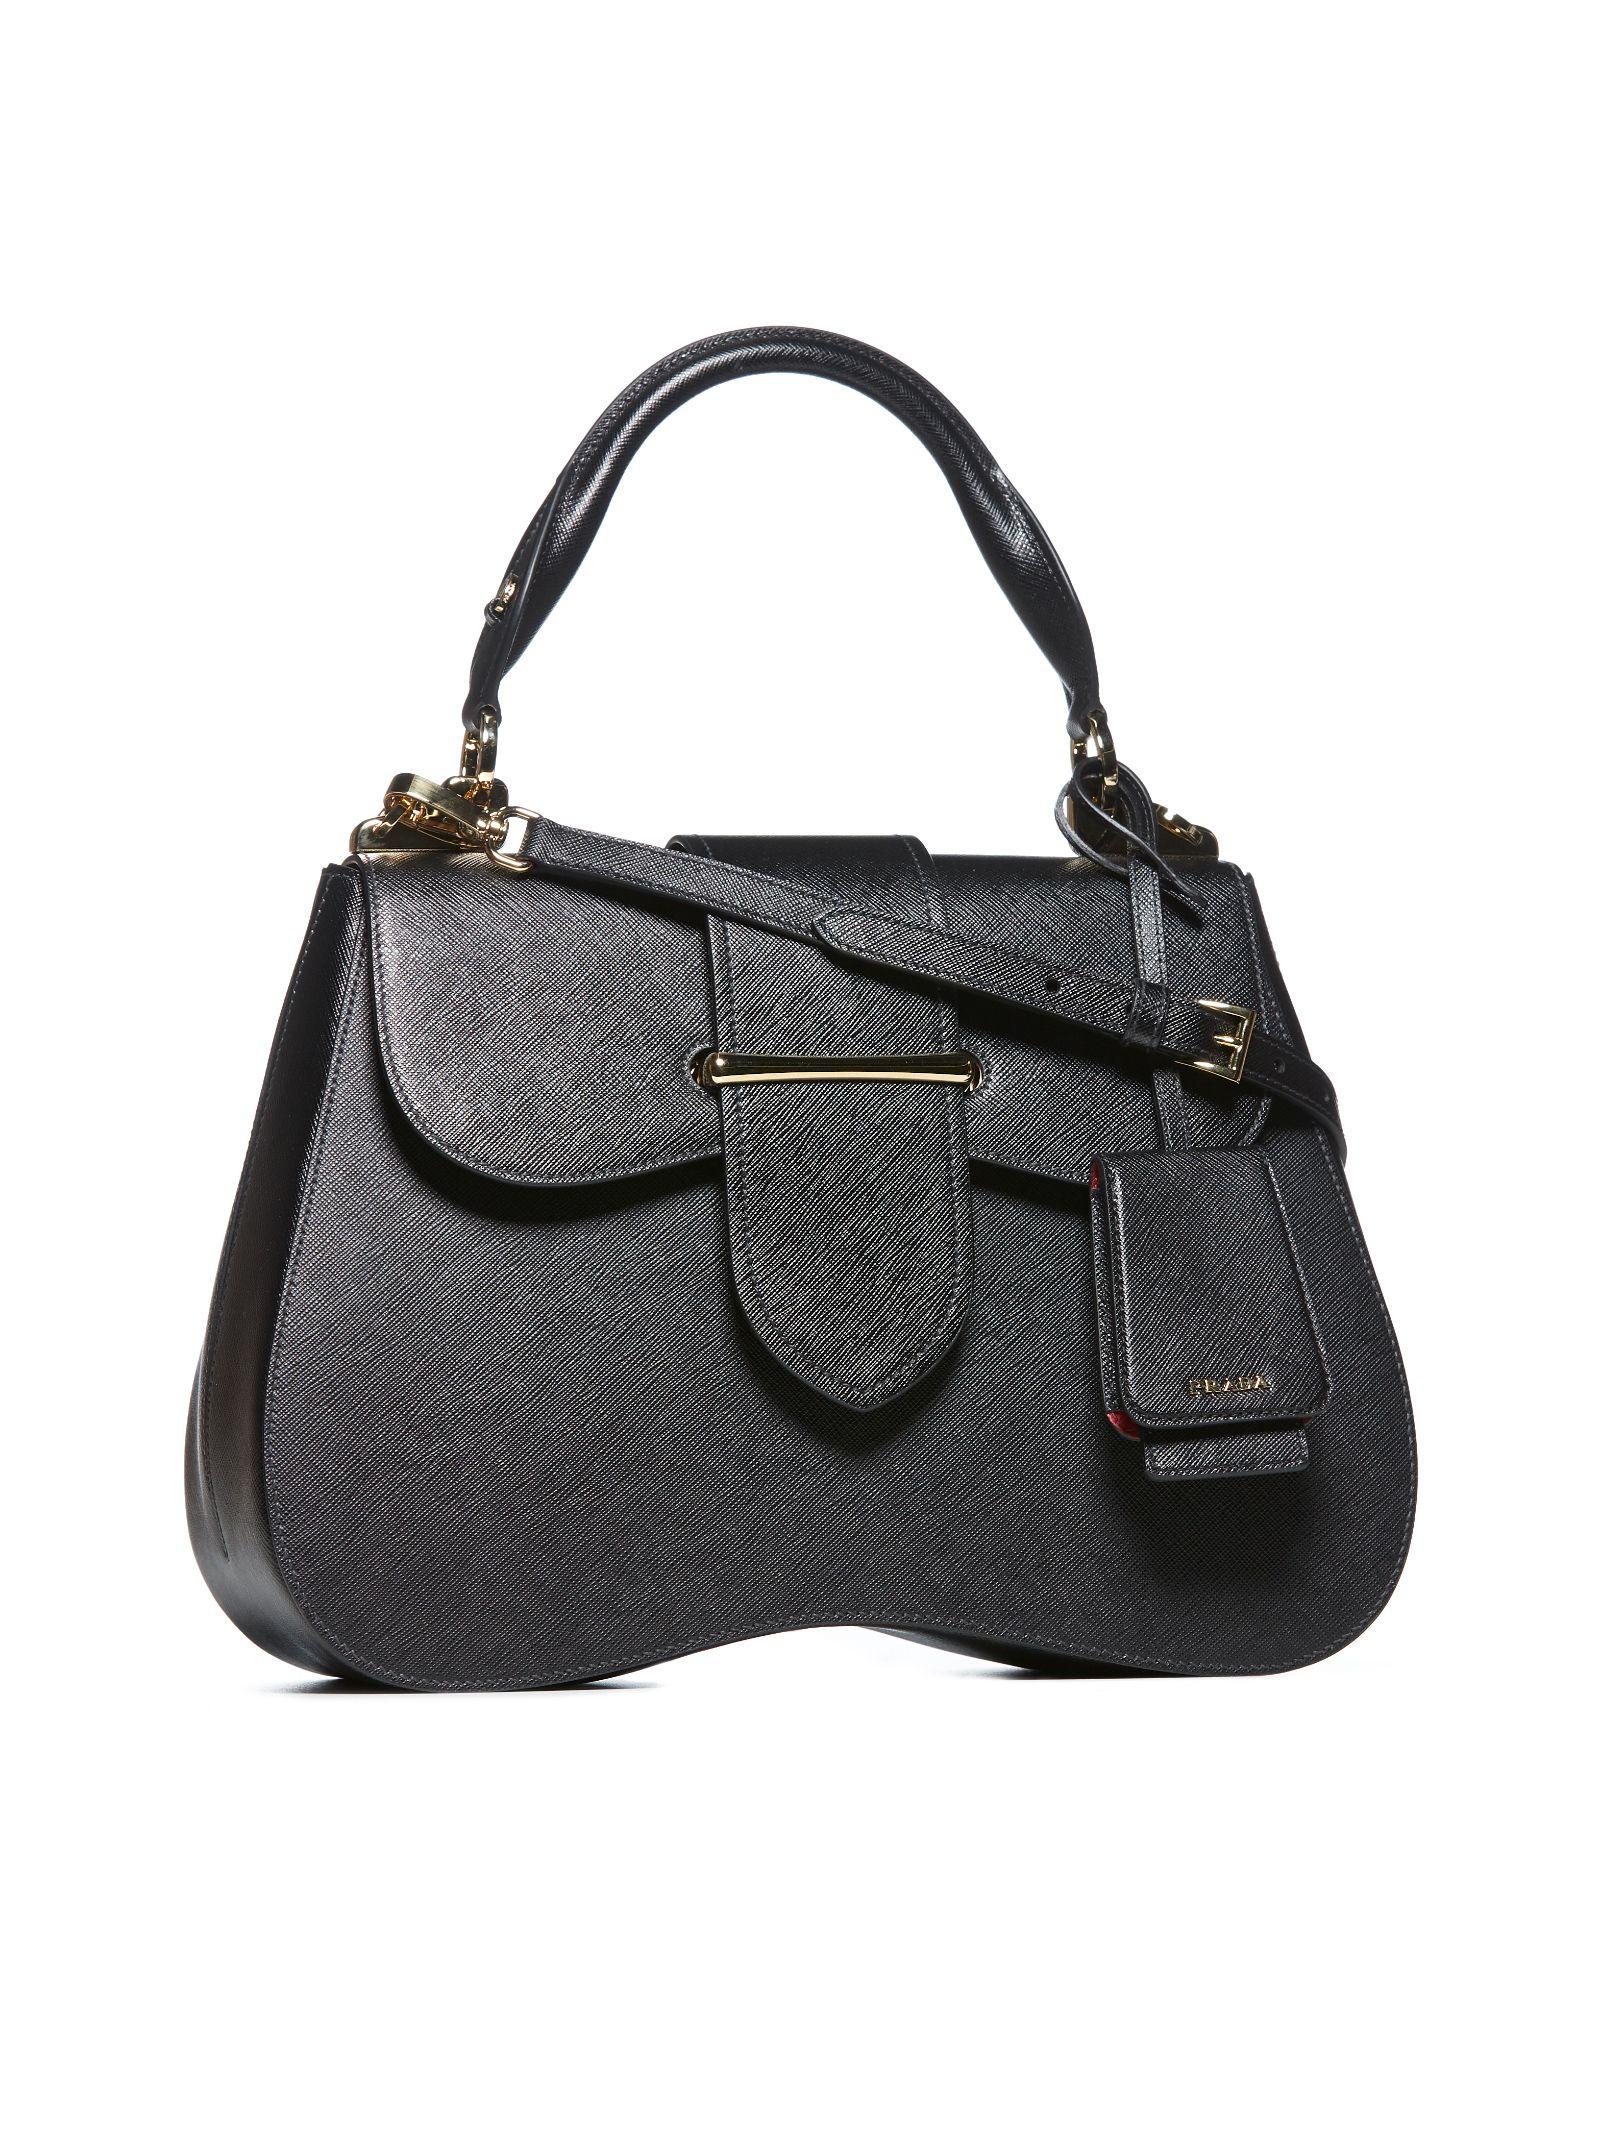 644ae97daf73 Prada Saffiano Shoulder Bag - Nero Prada Saffiano Shoulder Bag - Nero ...